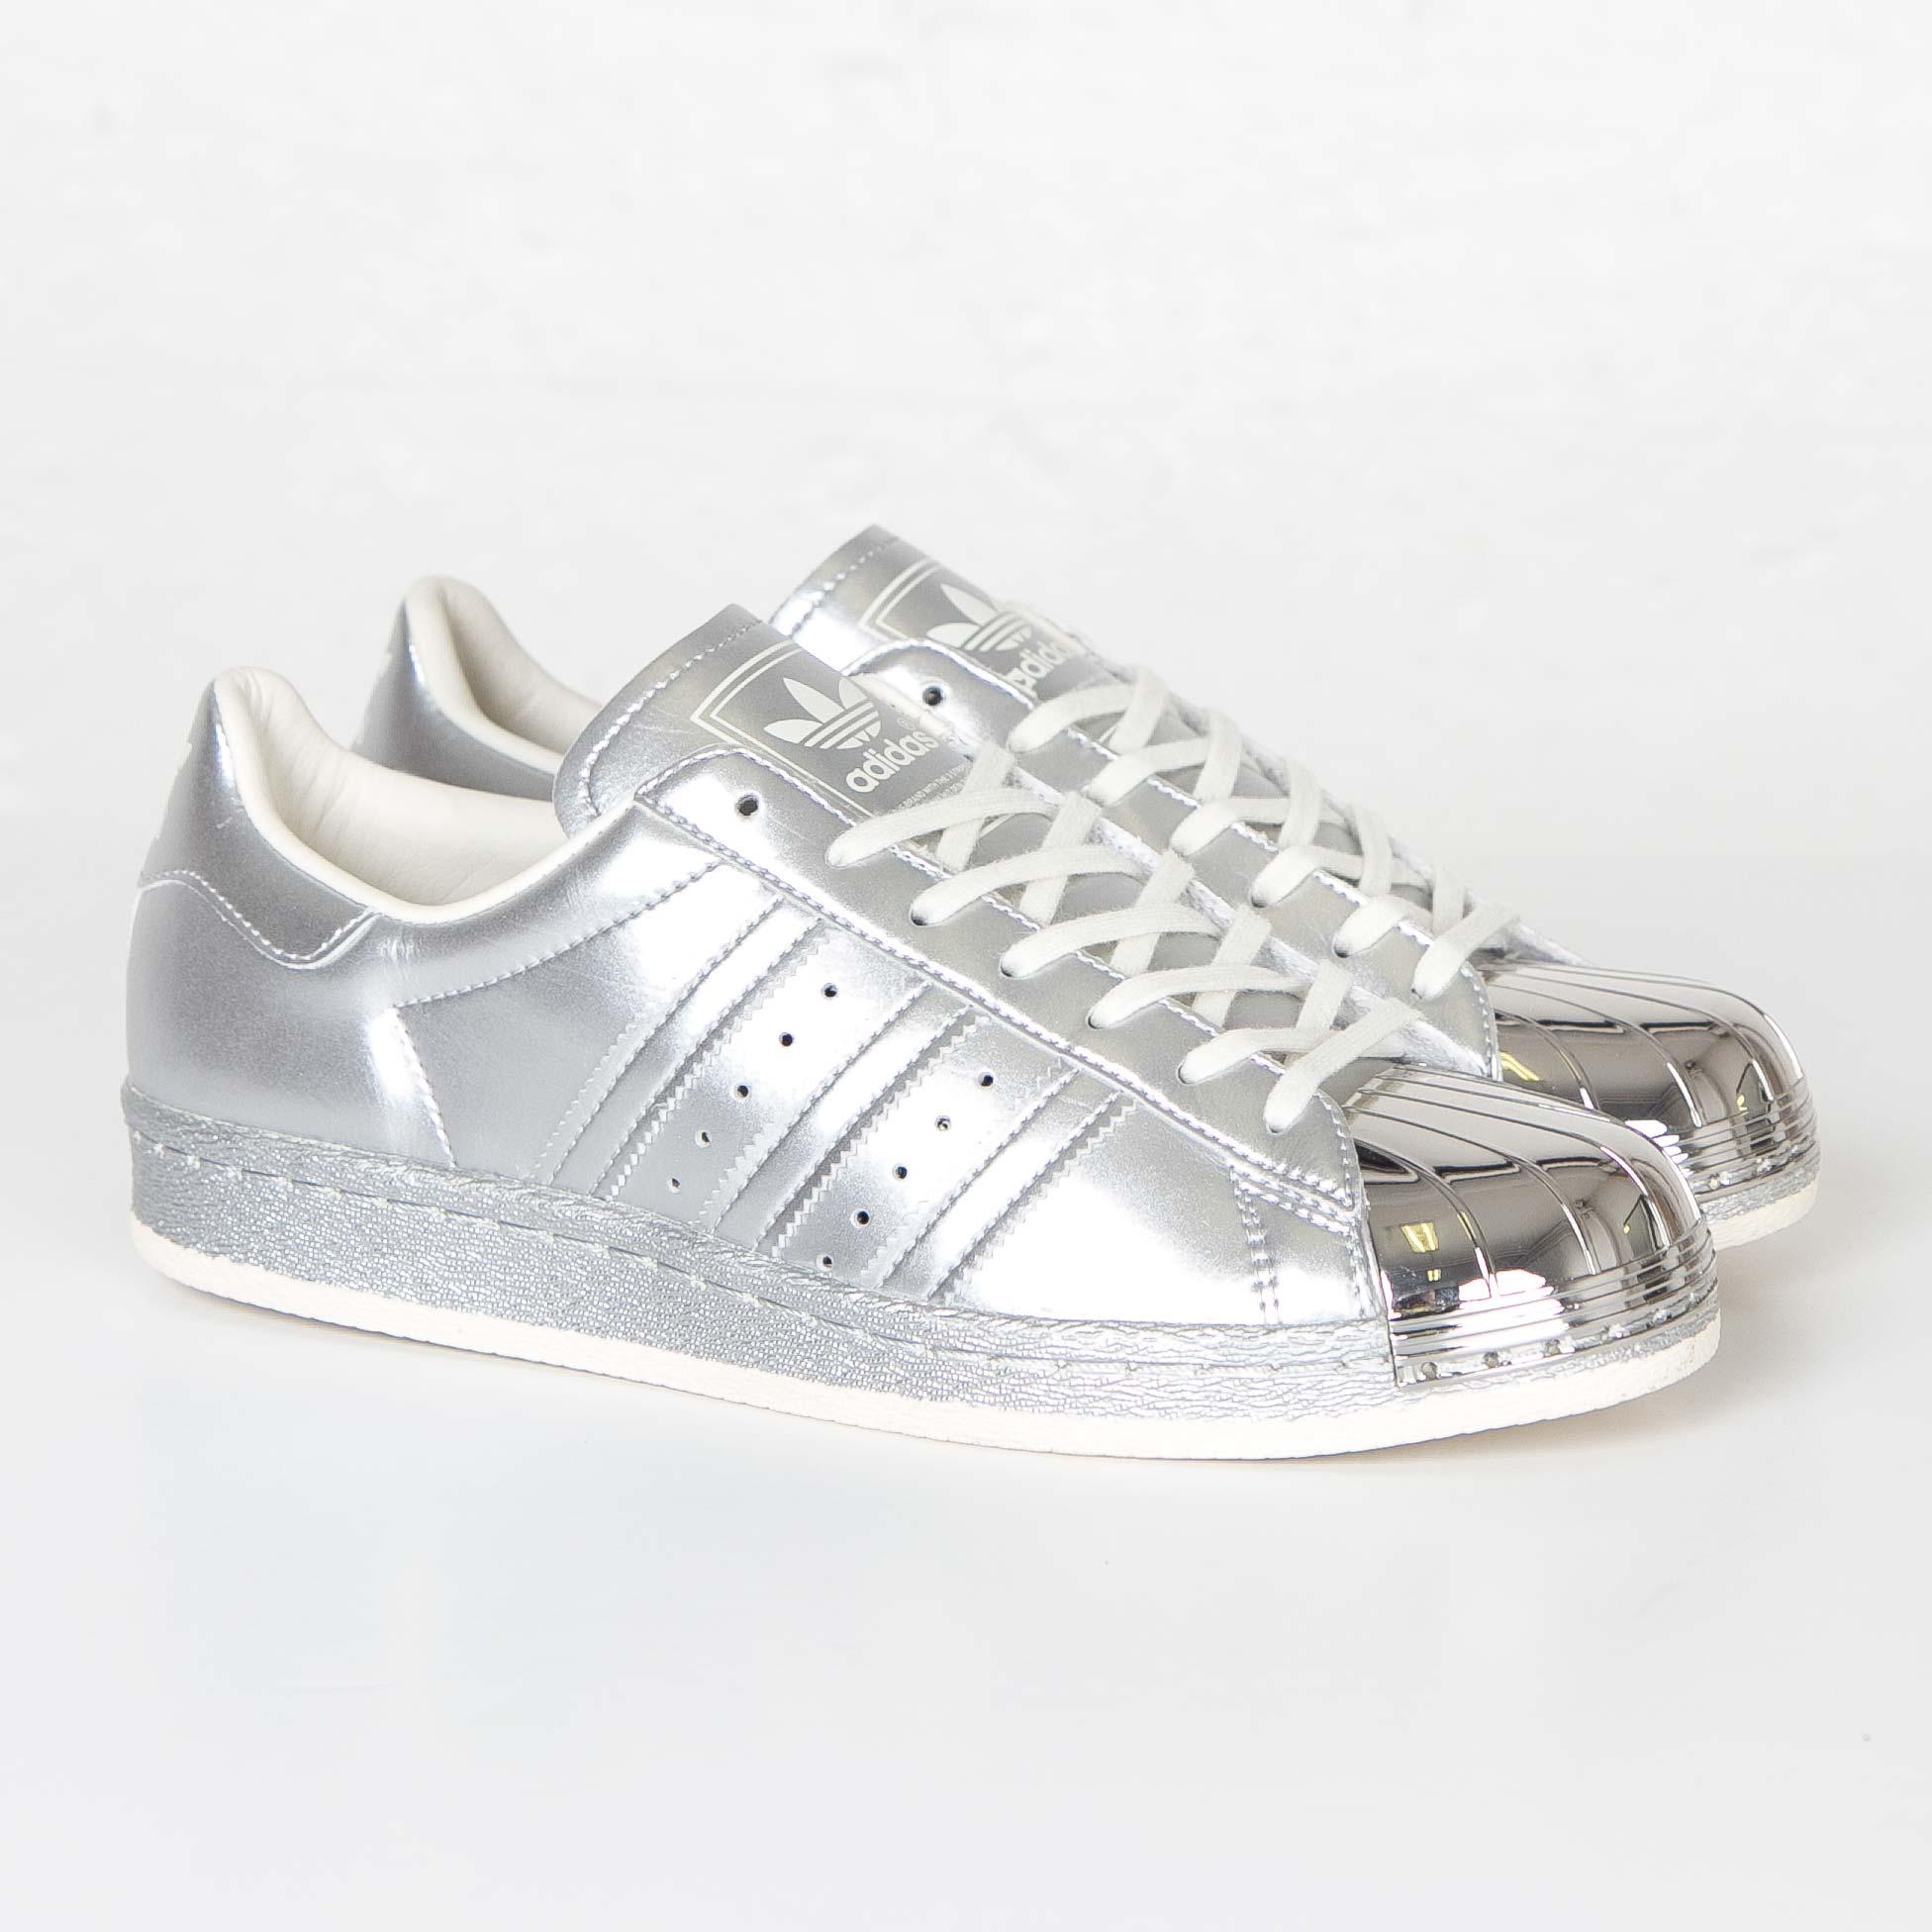 plus de photos ba415 1fbed adidas Superstar 80s Metallic Pack - S82741 - Sneakersnstuff ...